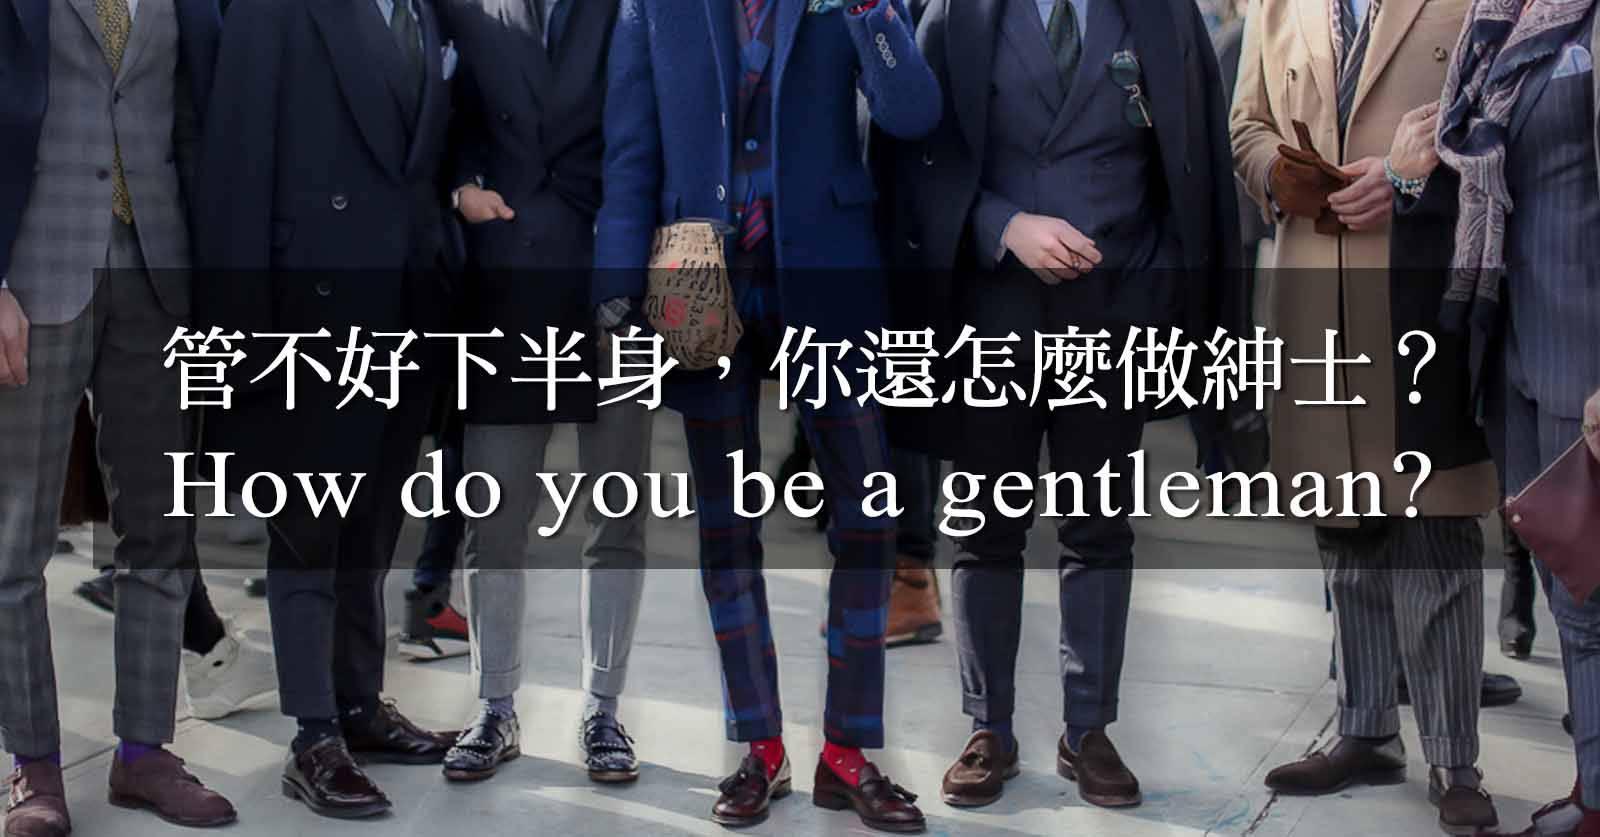 管不好下半身,你還怎麼做紳士?-力群西服